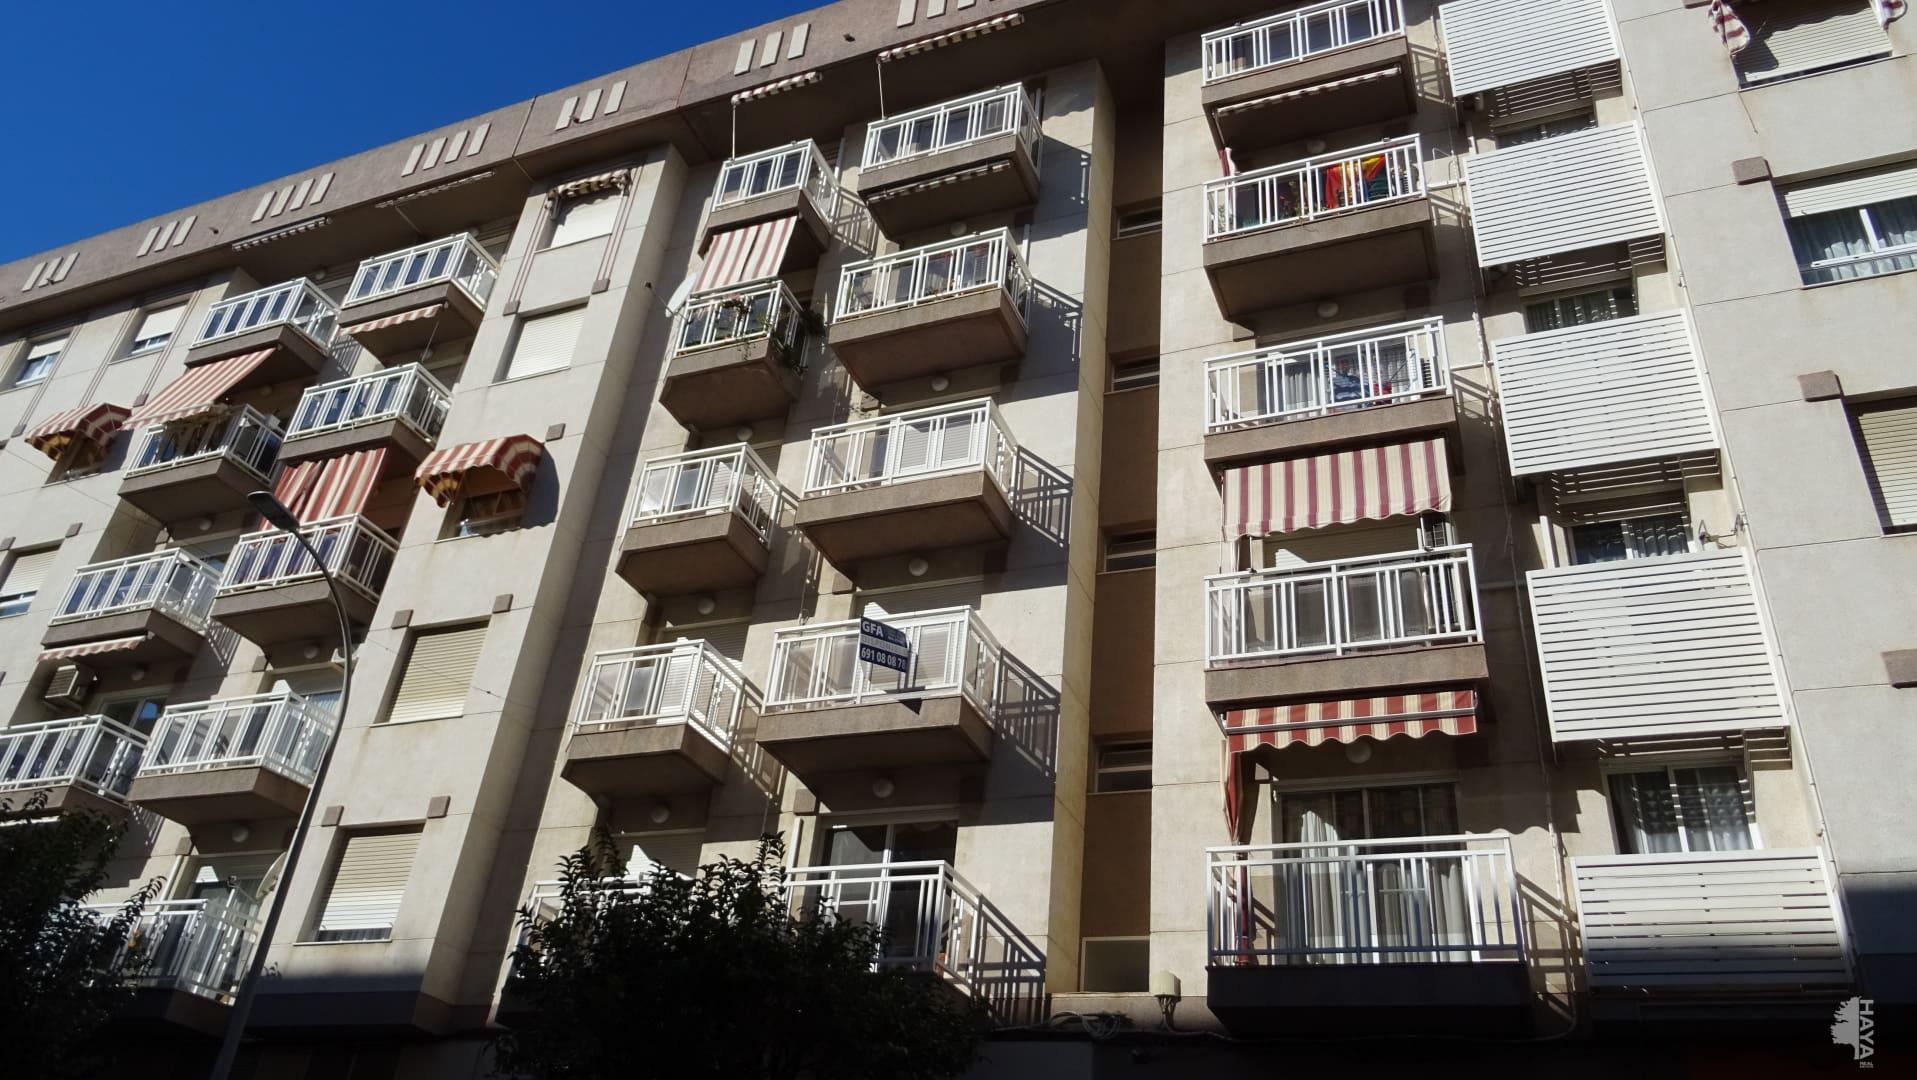 Piso en venta en Gandia, Valencia, Calle Ciudad de Barcelona, 116.000 €, 3 habitaciones, 1 baño, 90 m2